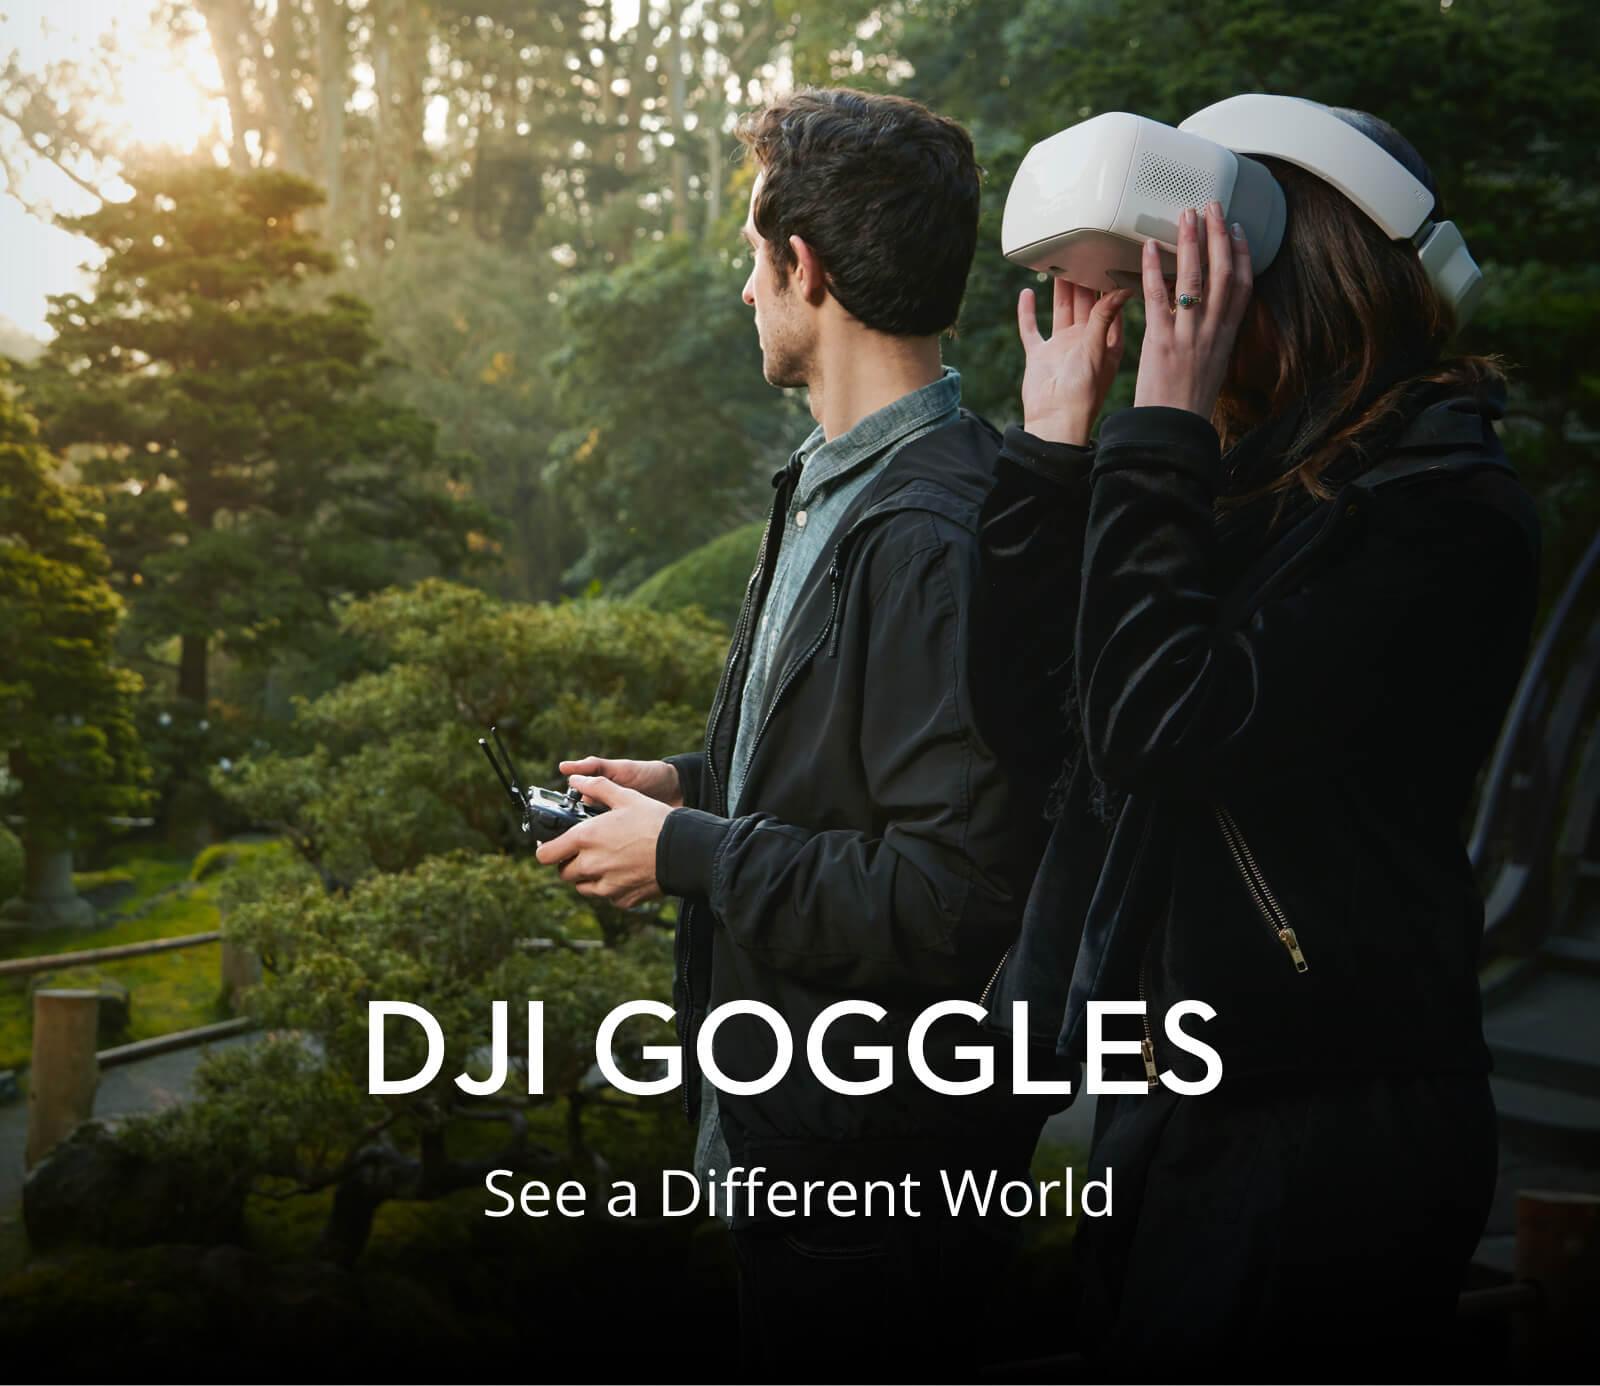 Buy Dji Goggles